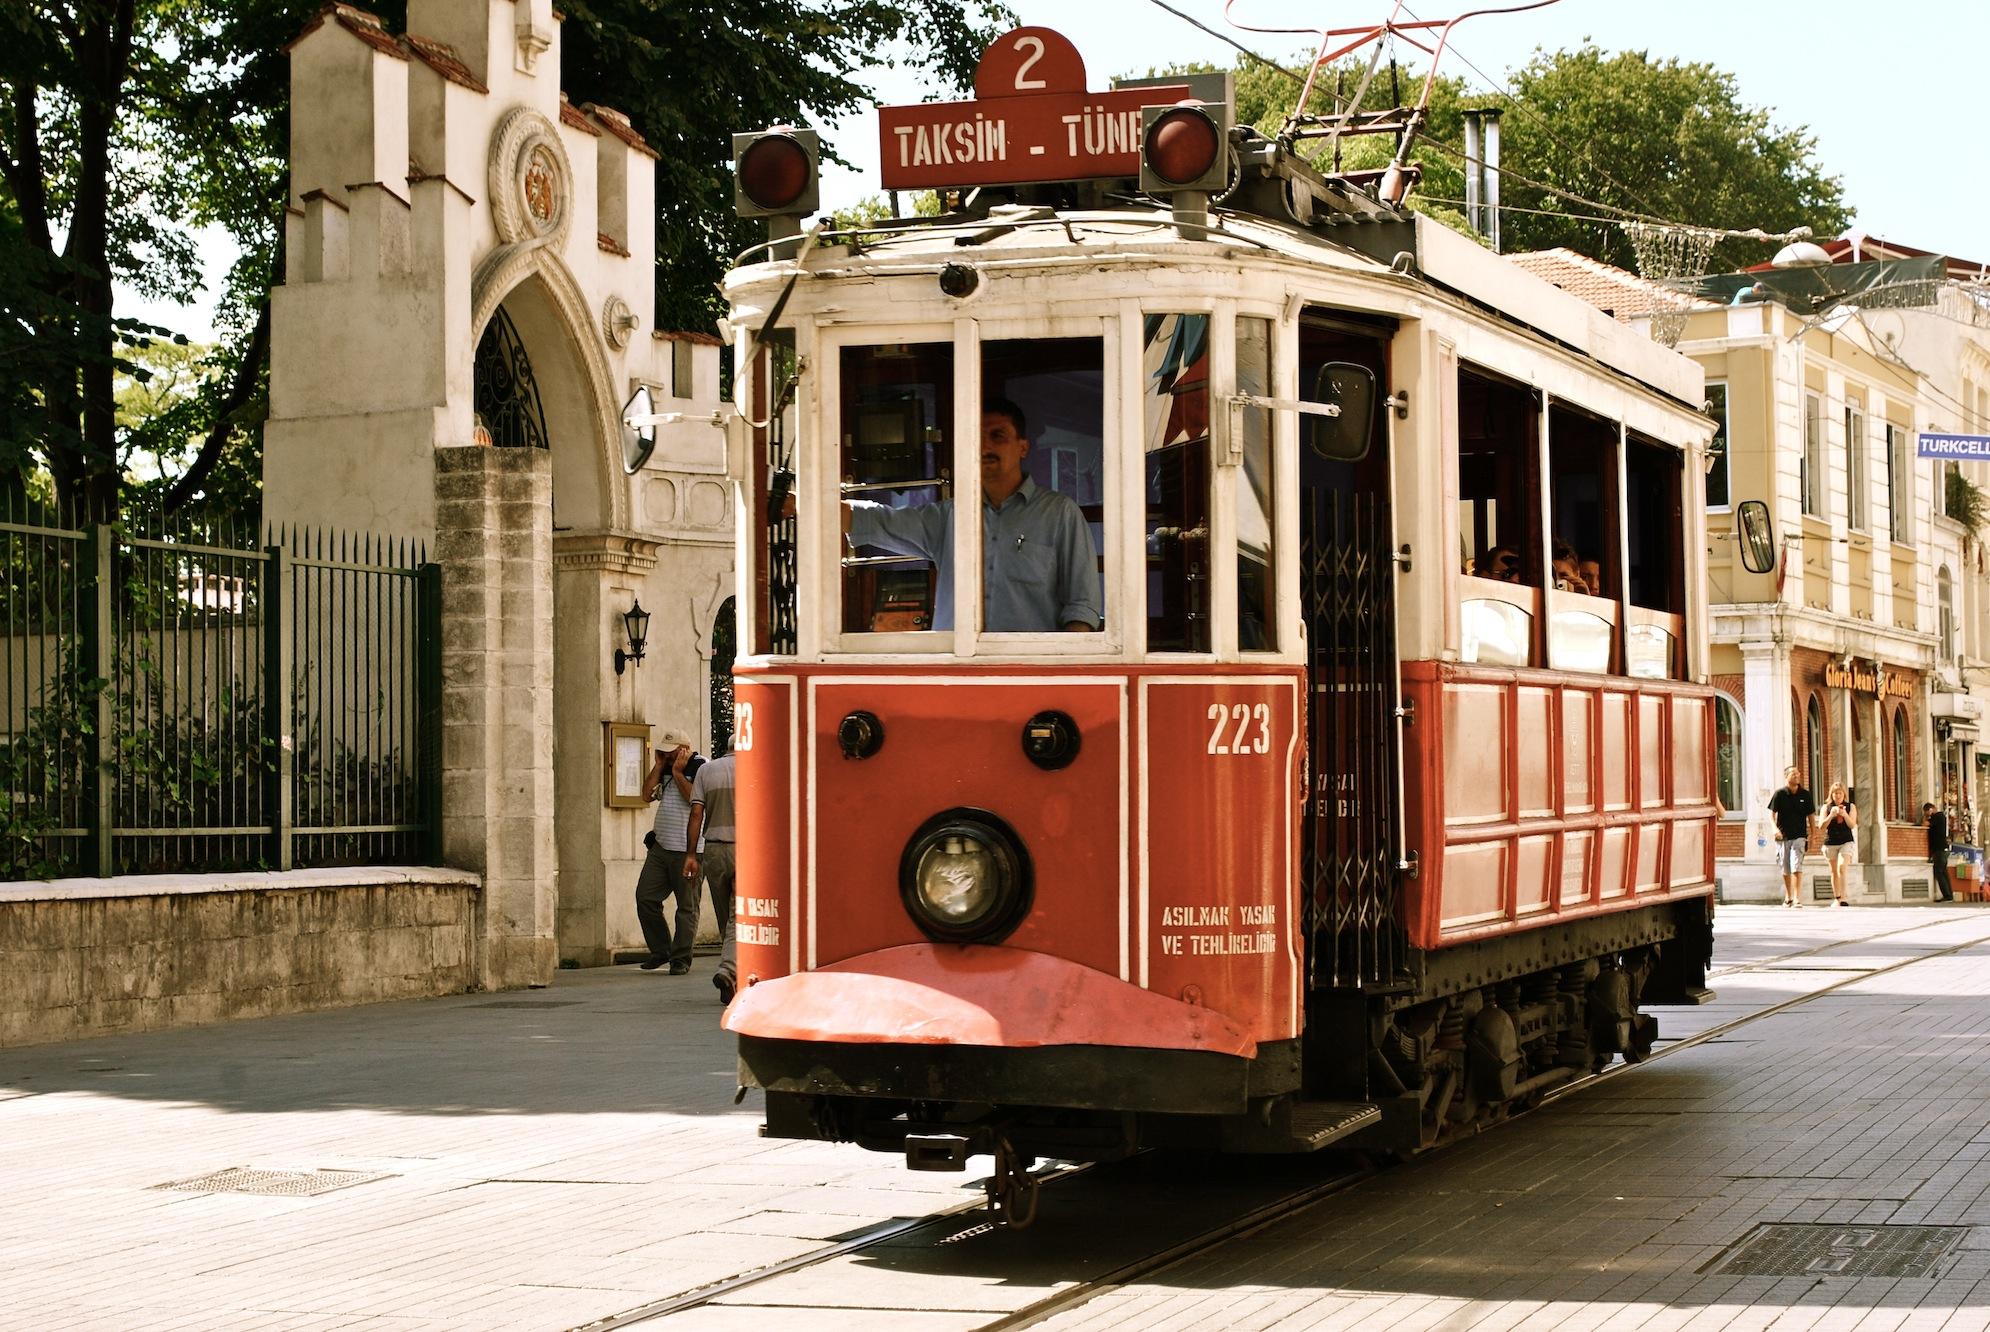 Straßenbahn zum Taksim Platz